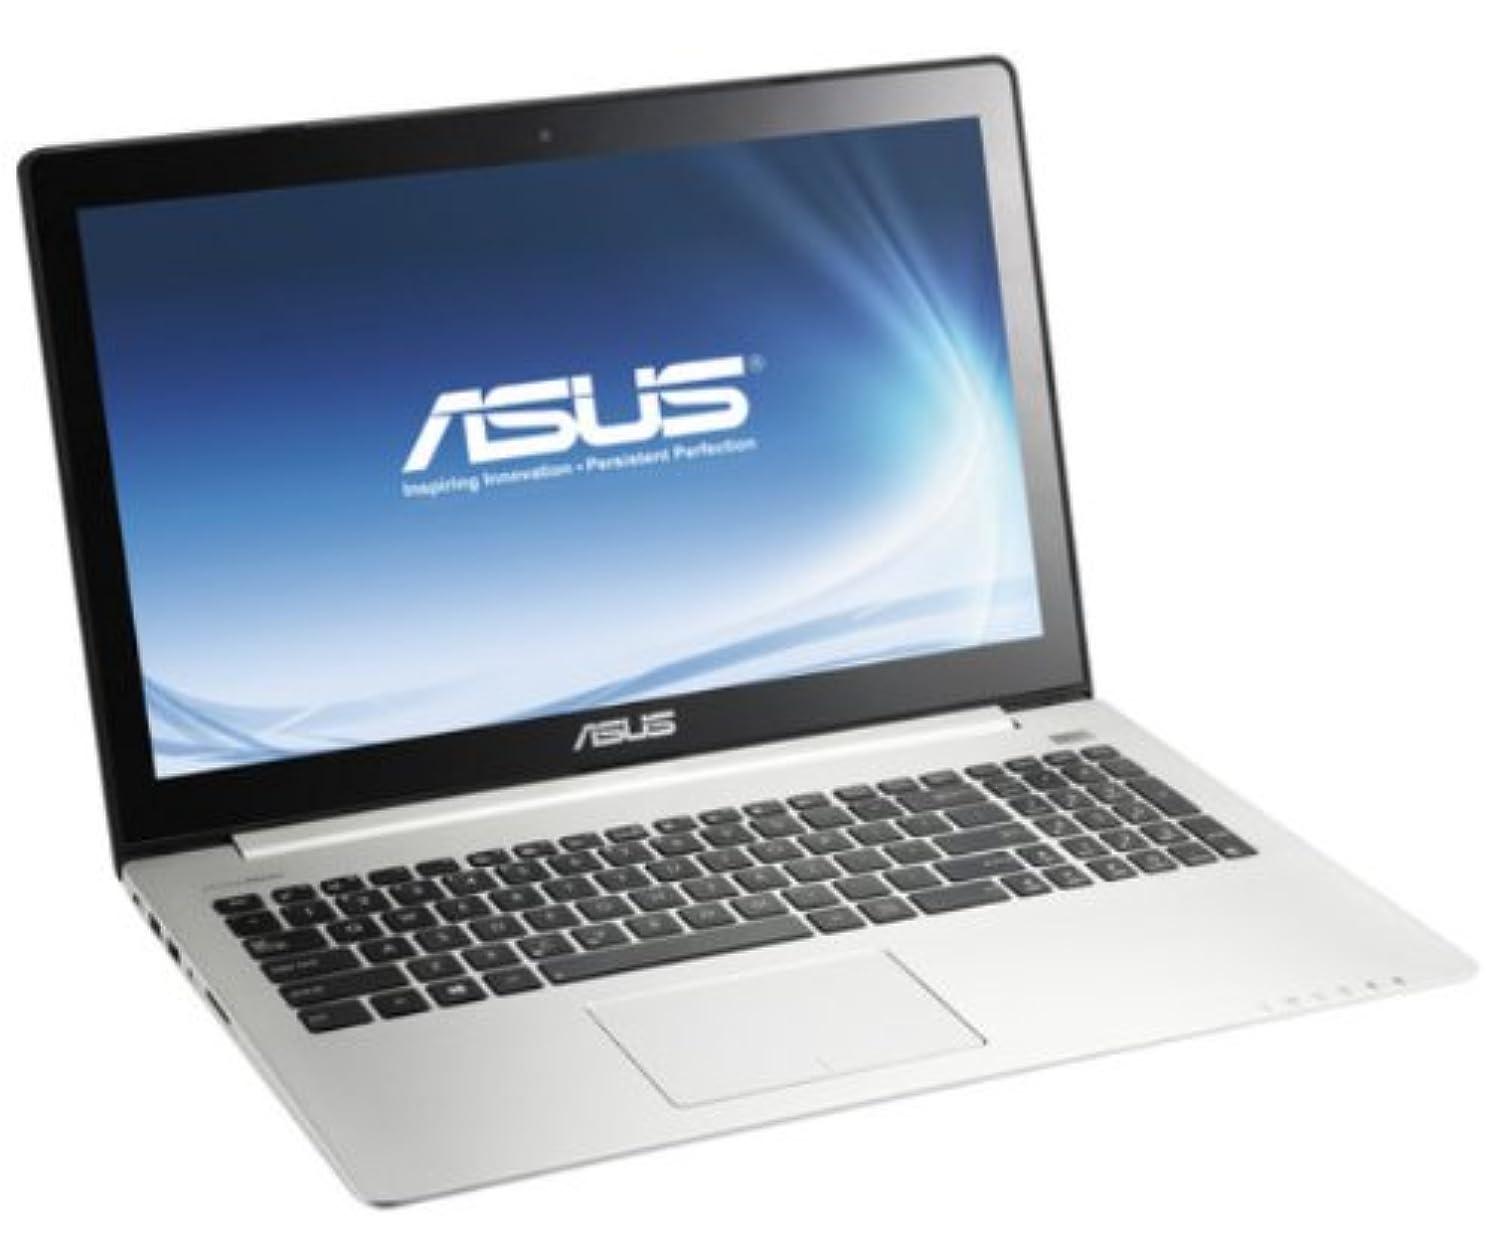 国多様性登山家エイスース タッチスクリーン ノートパソコン Asus VivoBook V500 15.6